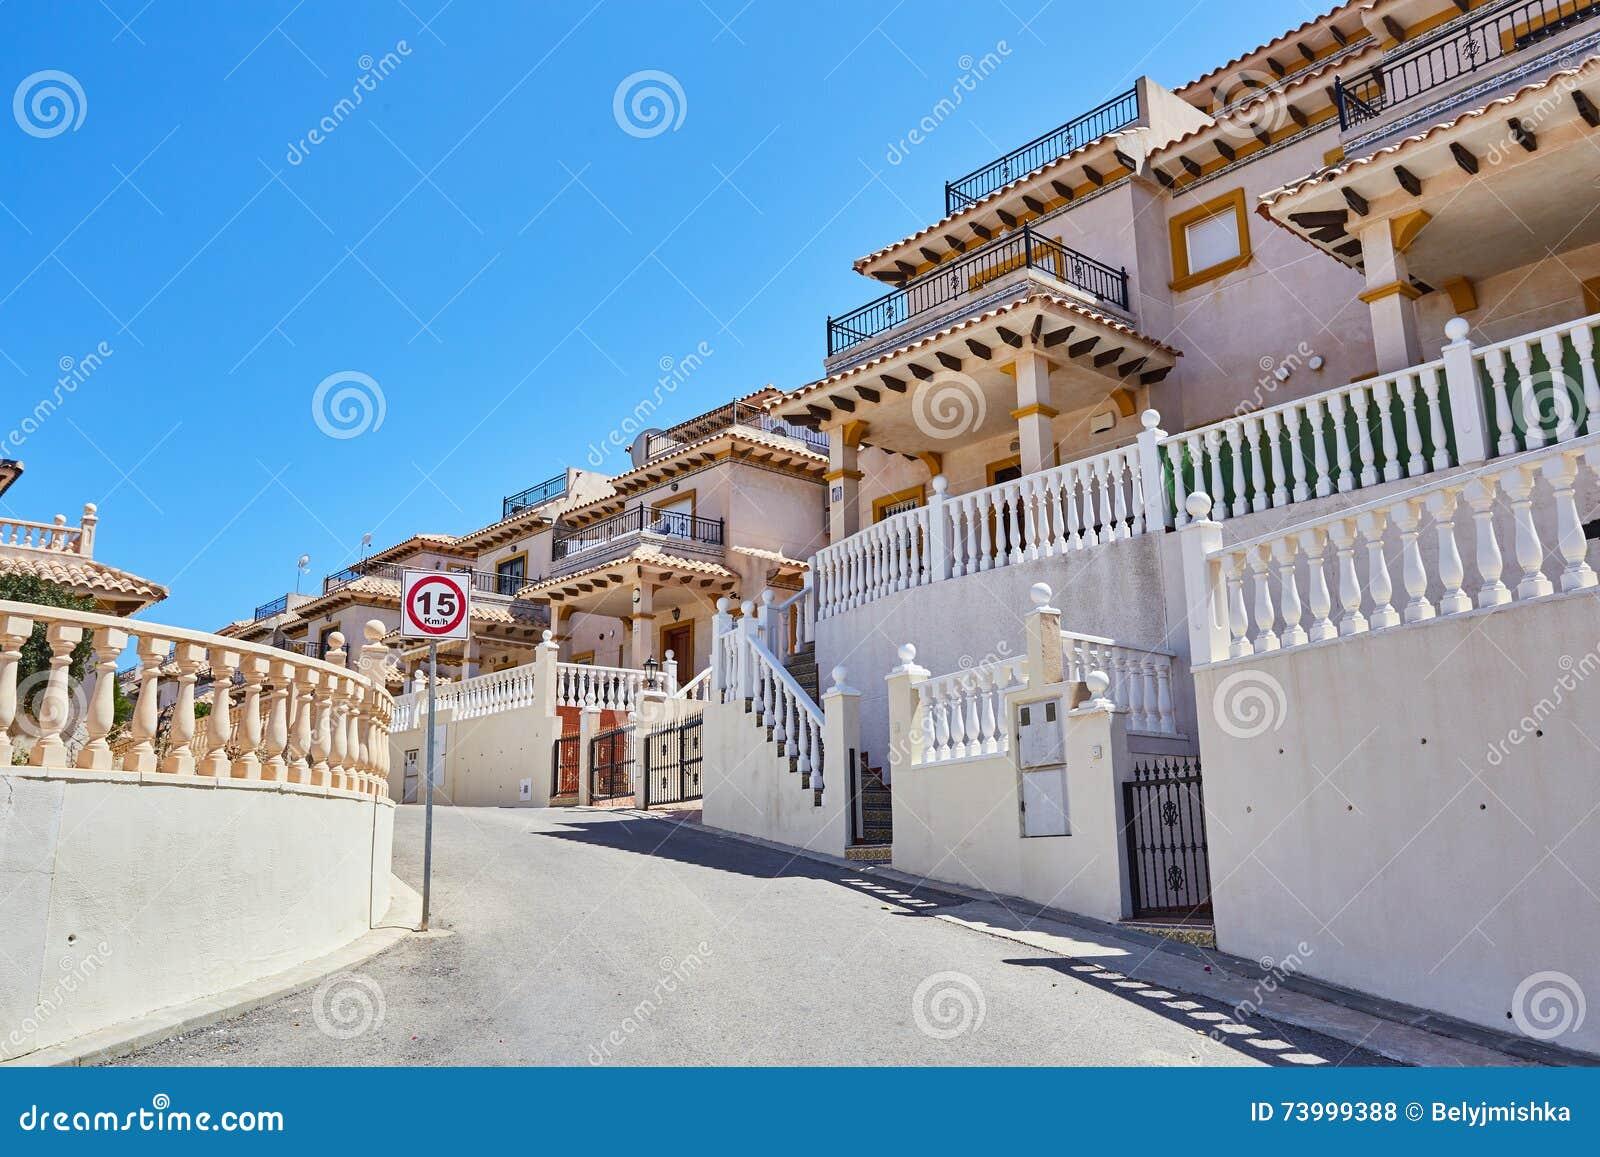 Orihuela spagna 15 giugno 2016 appartamenti per i for Appartamenti barcellona vicino al mare